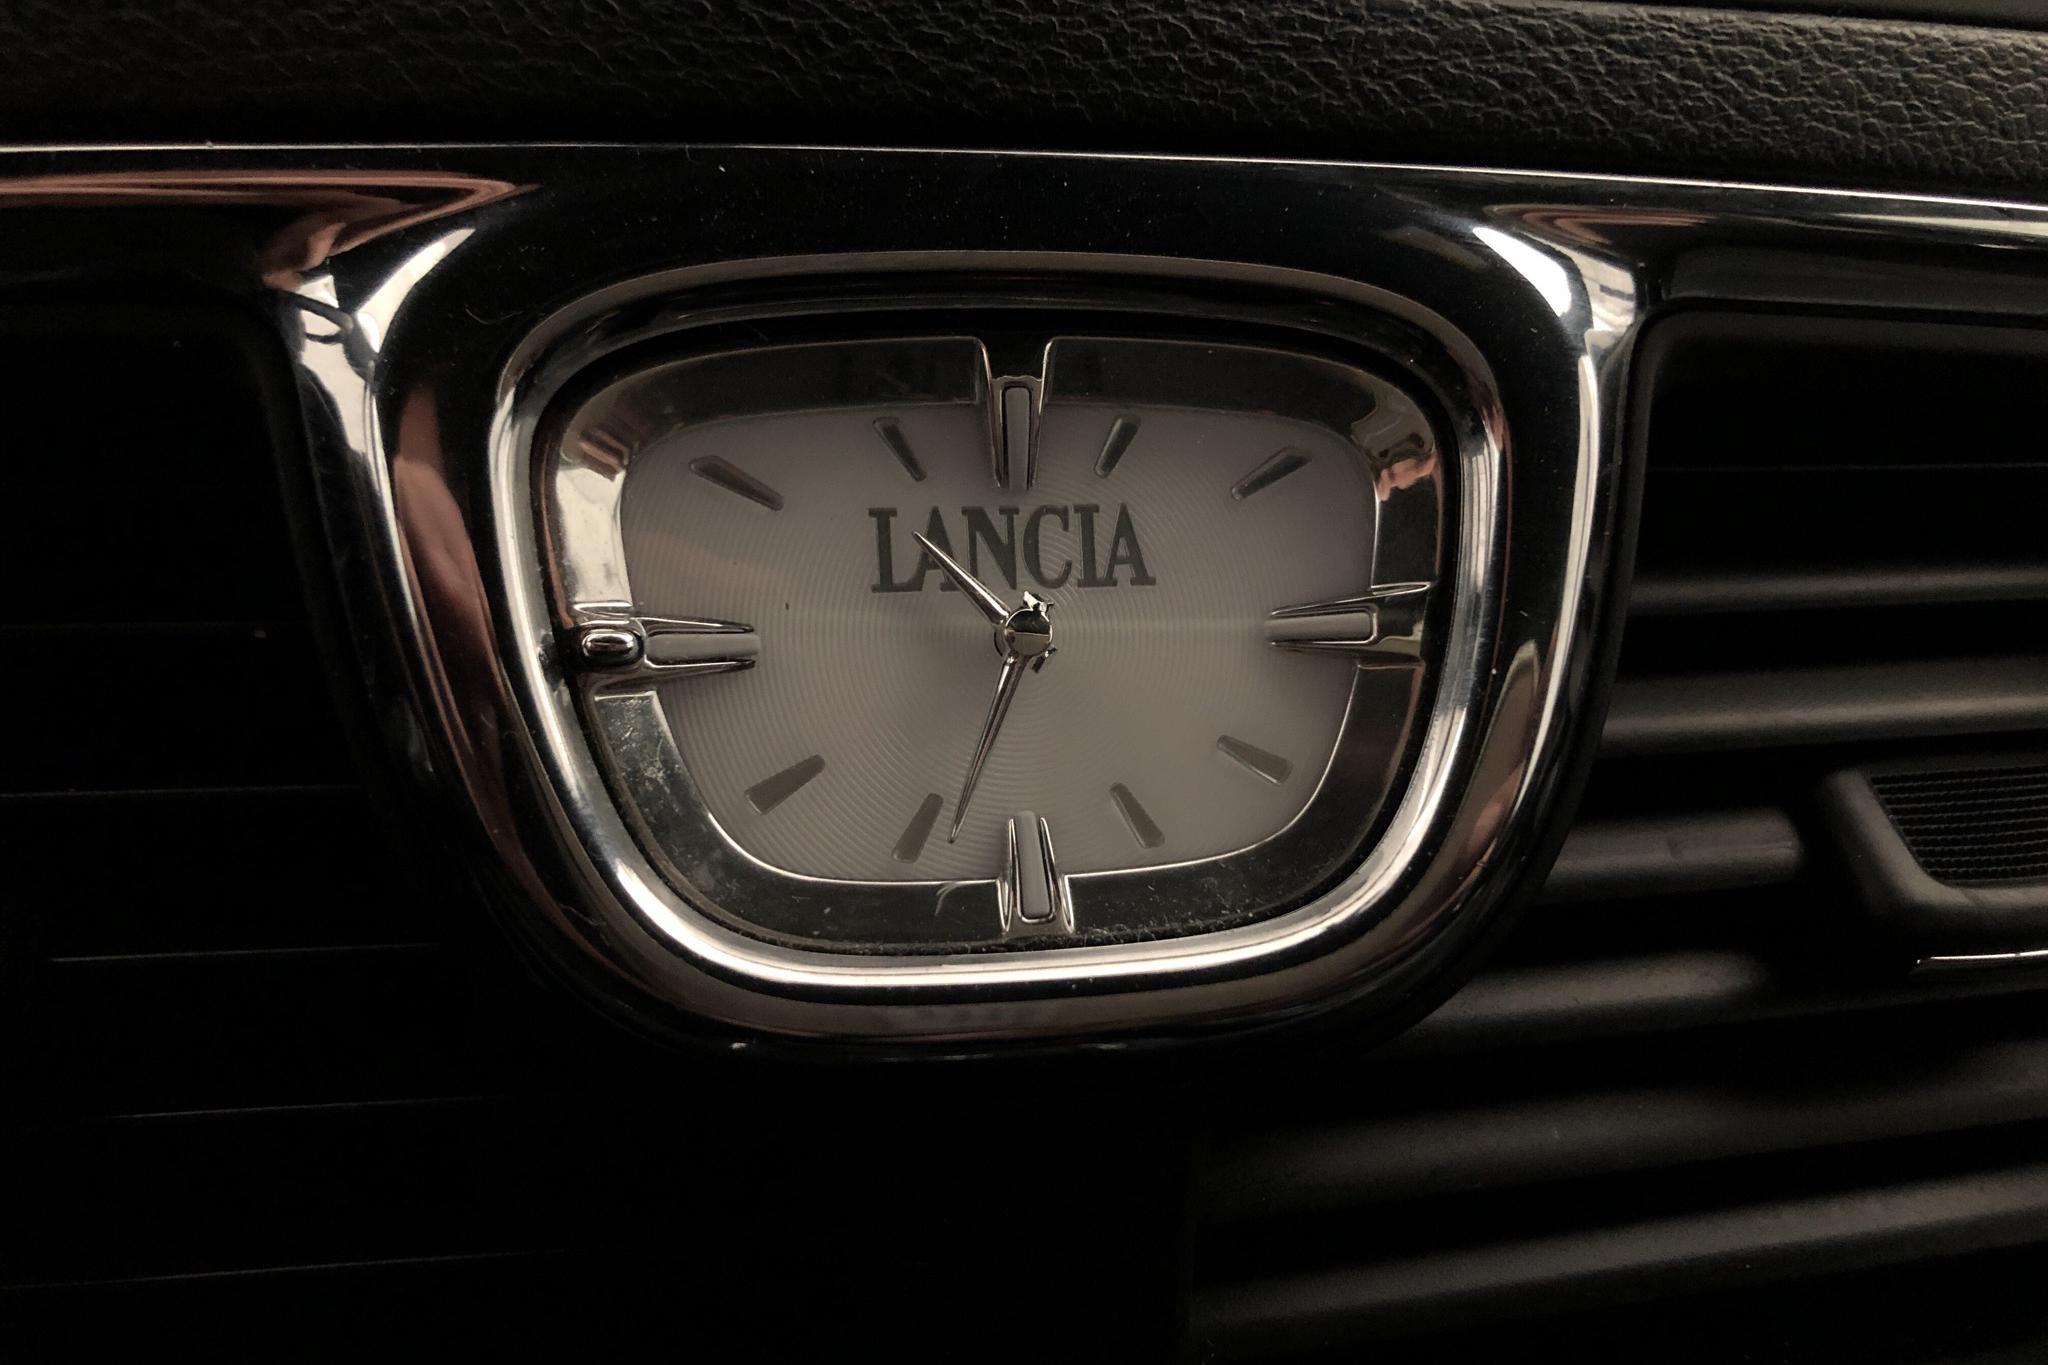 Lancia Lancia Voyager 2.8 Multi-Jet (178hk) - 9 978 mil - Automat - grå - 2015